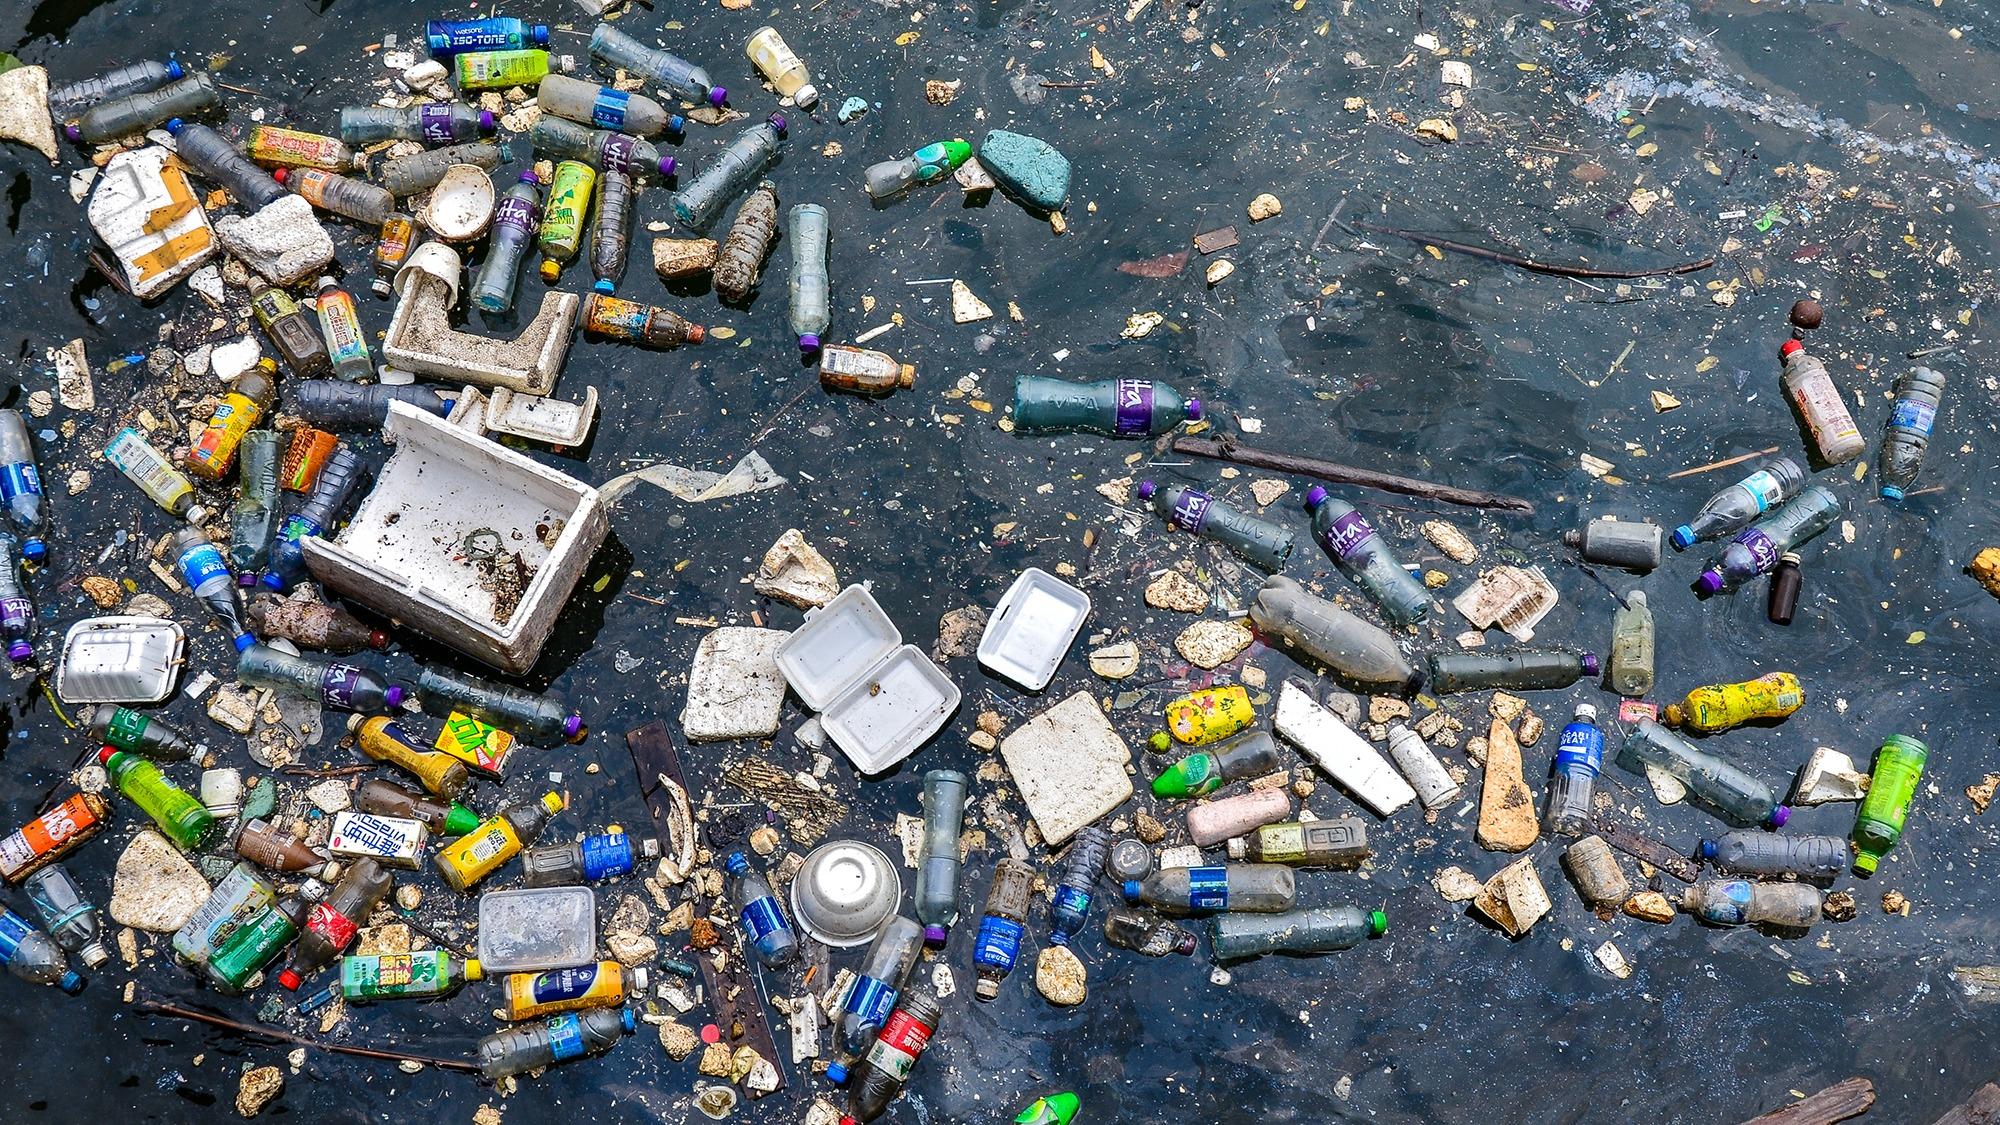 TO KWA WAN, HONG KONG, HONG KONG SAR, CHINA - 2014/07/22: Floating plastic and styrofoam trash polluting a corner of Victoria